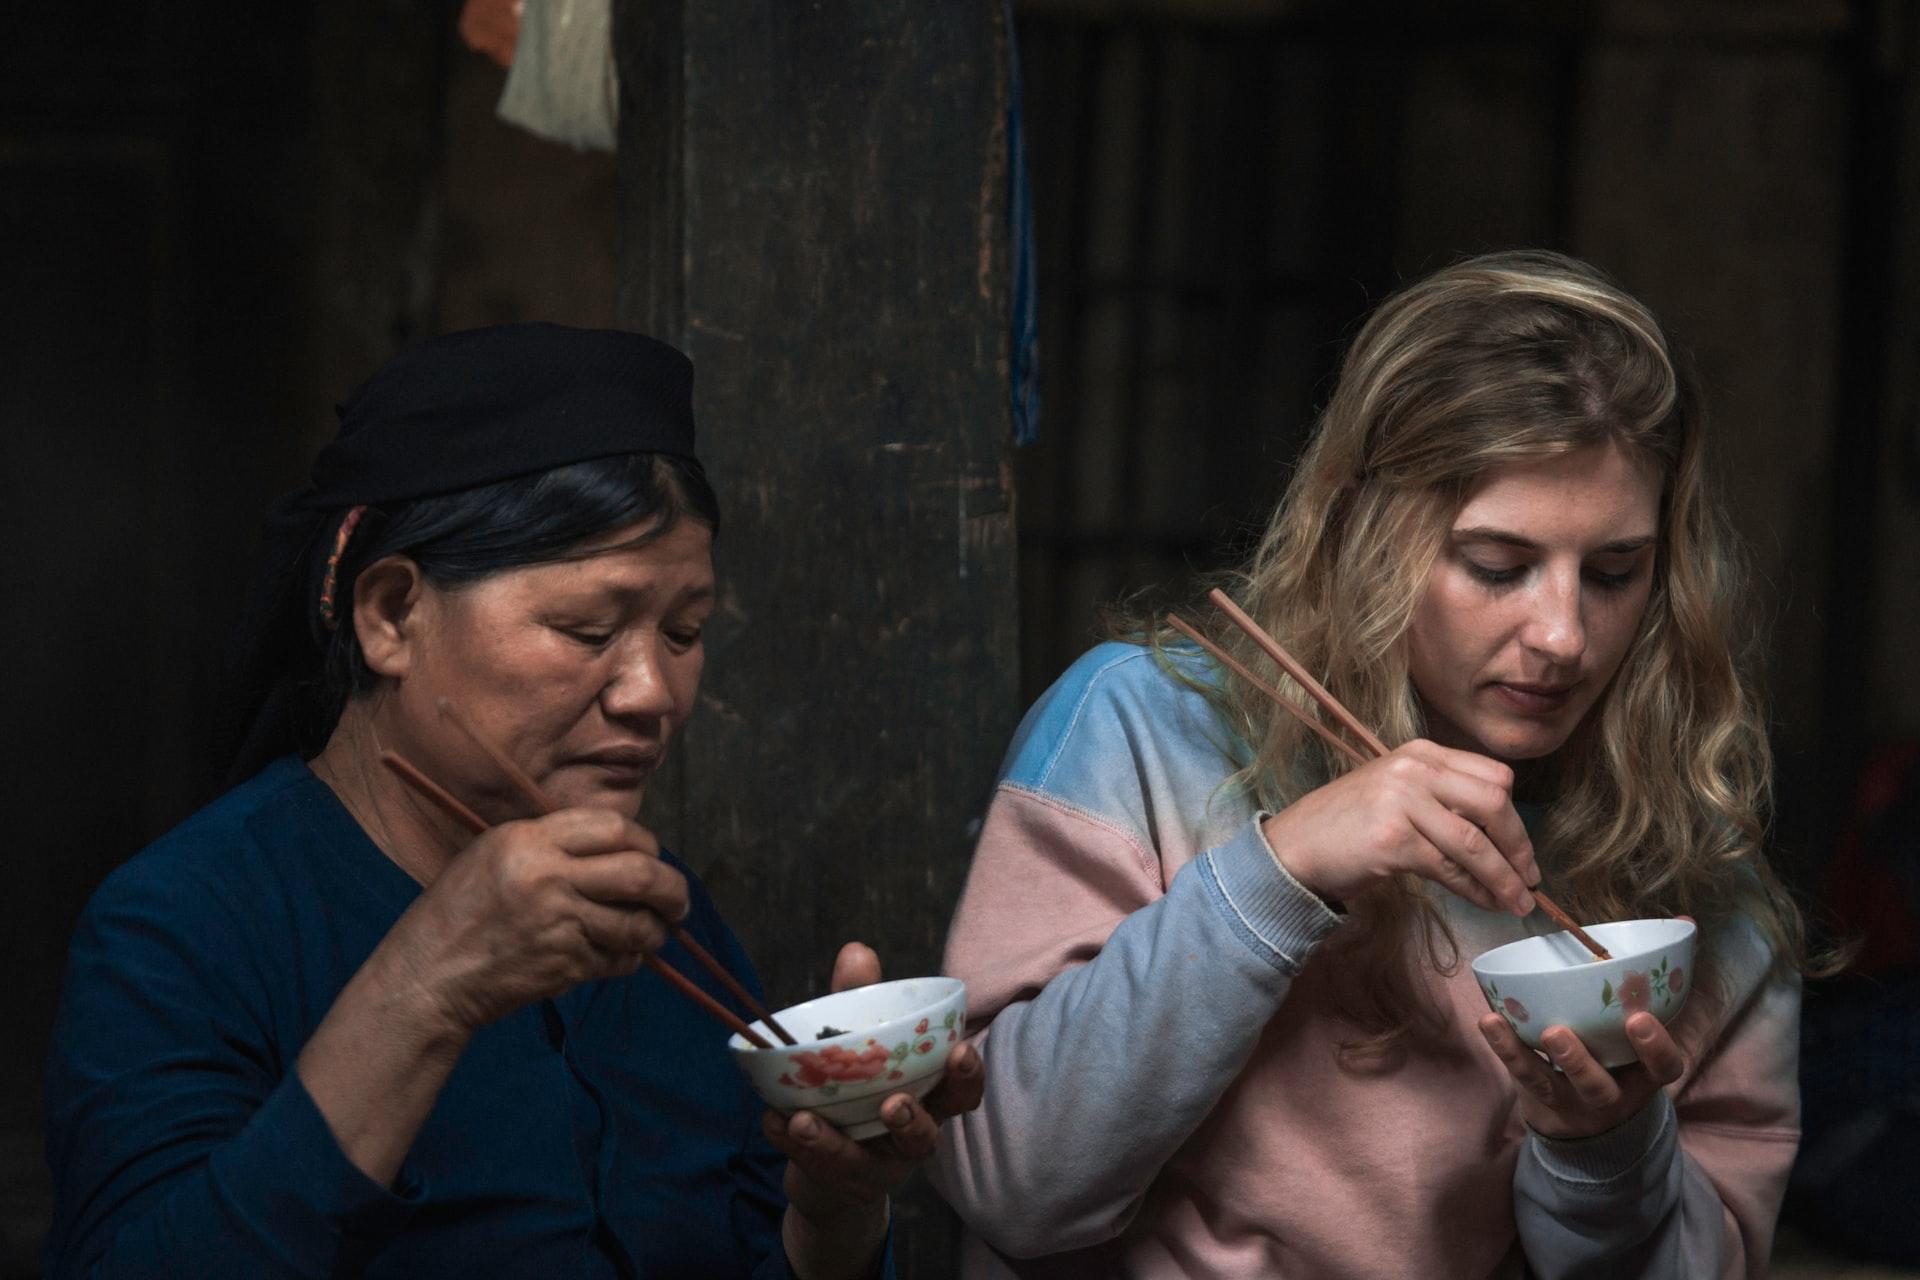 ilustrasi dua orang berbeda bangsa makan dengan sumpit | photo by digital sennin from unsplash